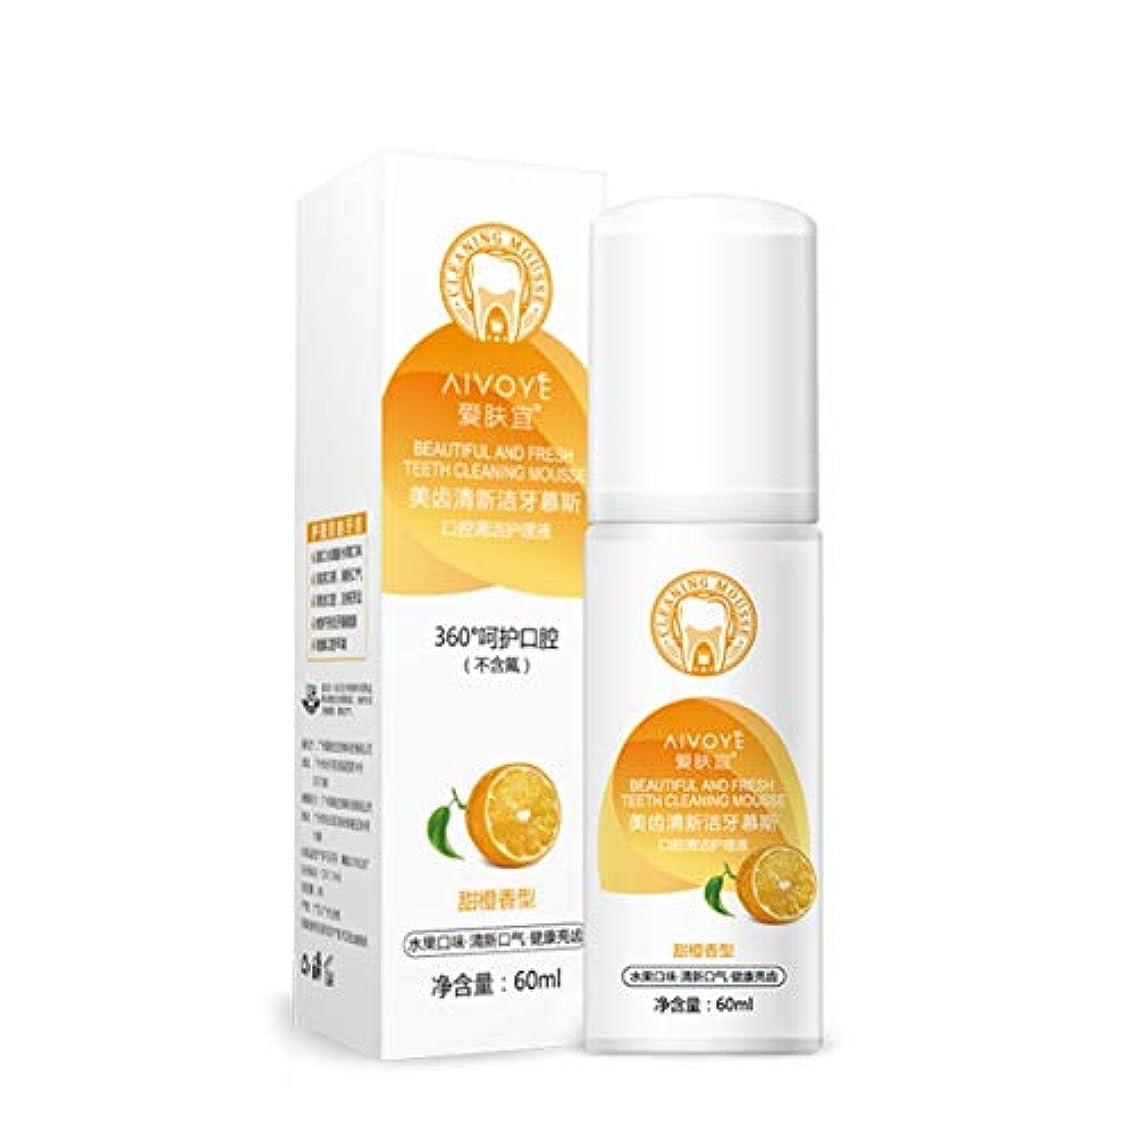 の中で冗長通りオレンジハーブミント新鮮な歯磨き粉は歯肉炎歯磨きをきれいにして清潔な歯を磨きます汚れ口臭プラーク - オレンジ